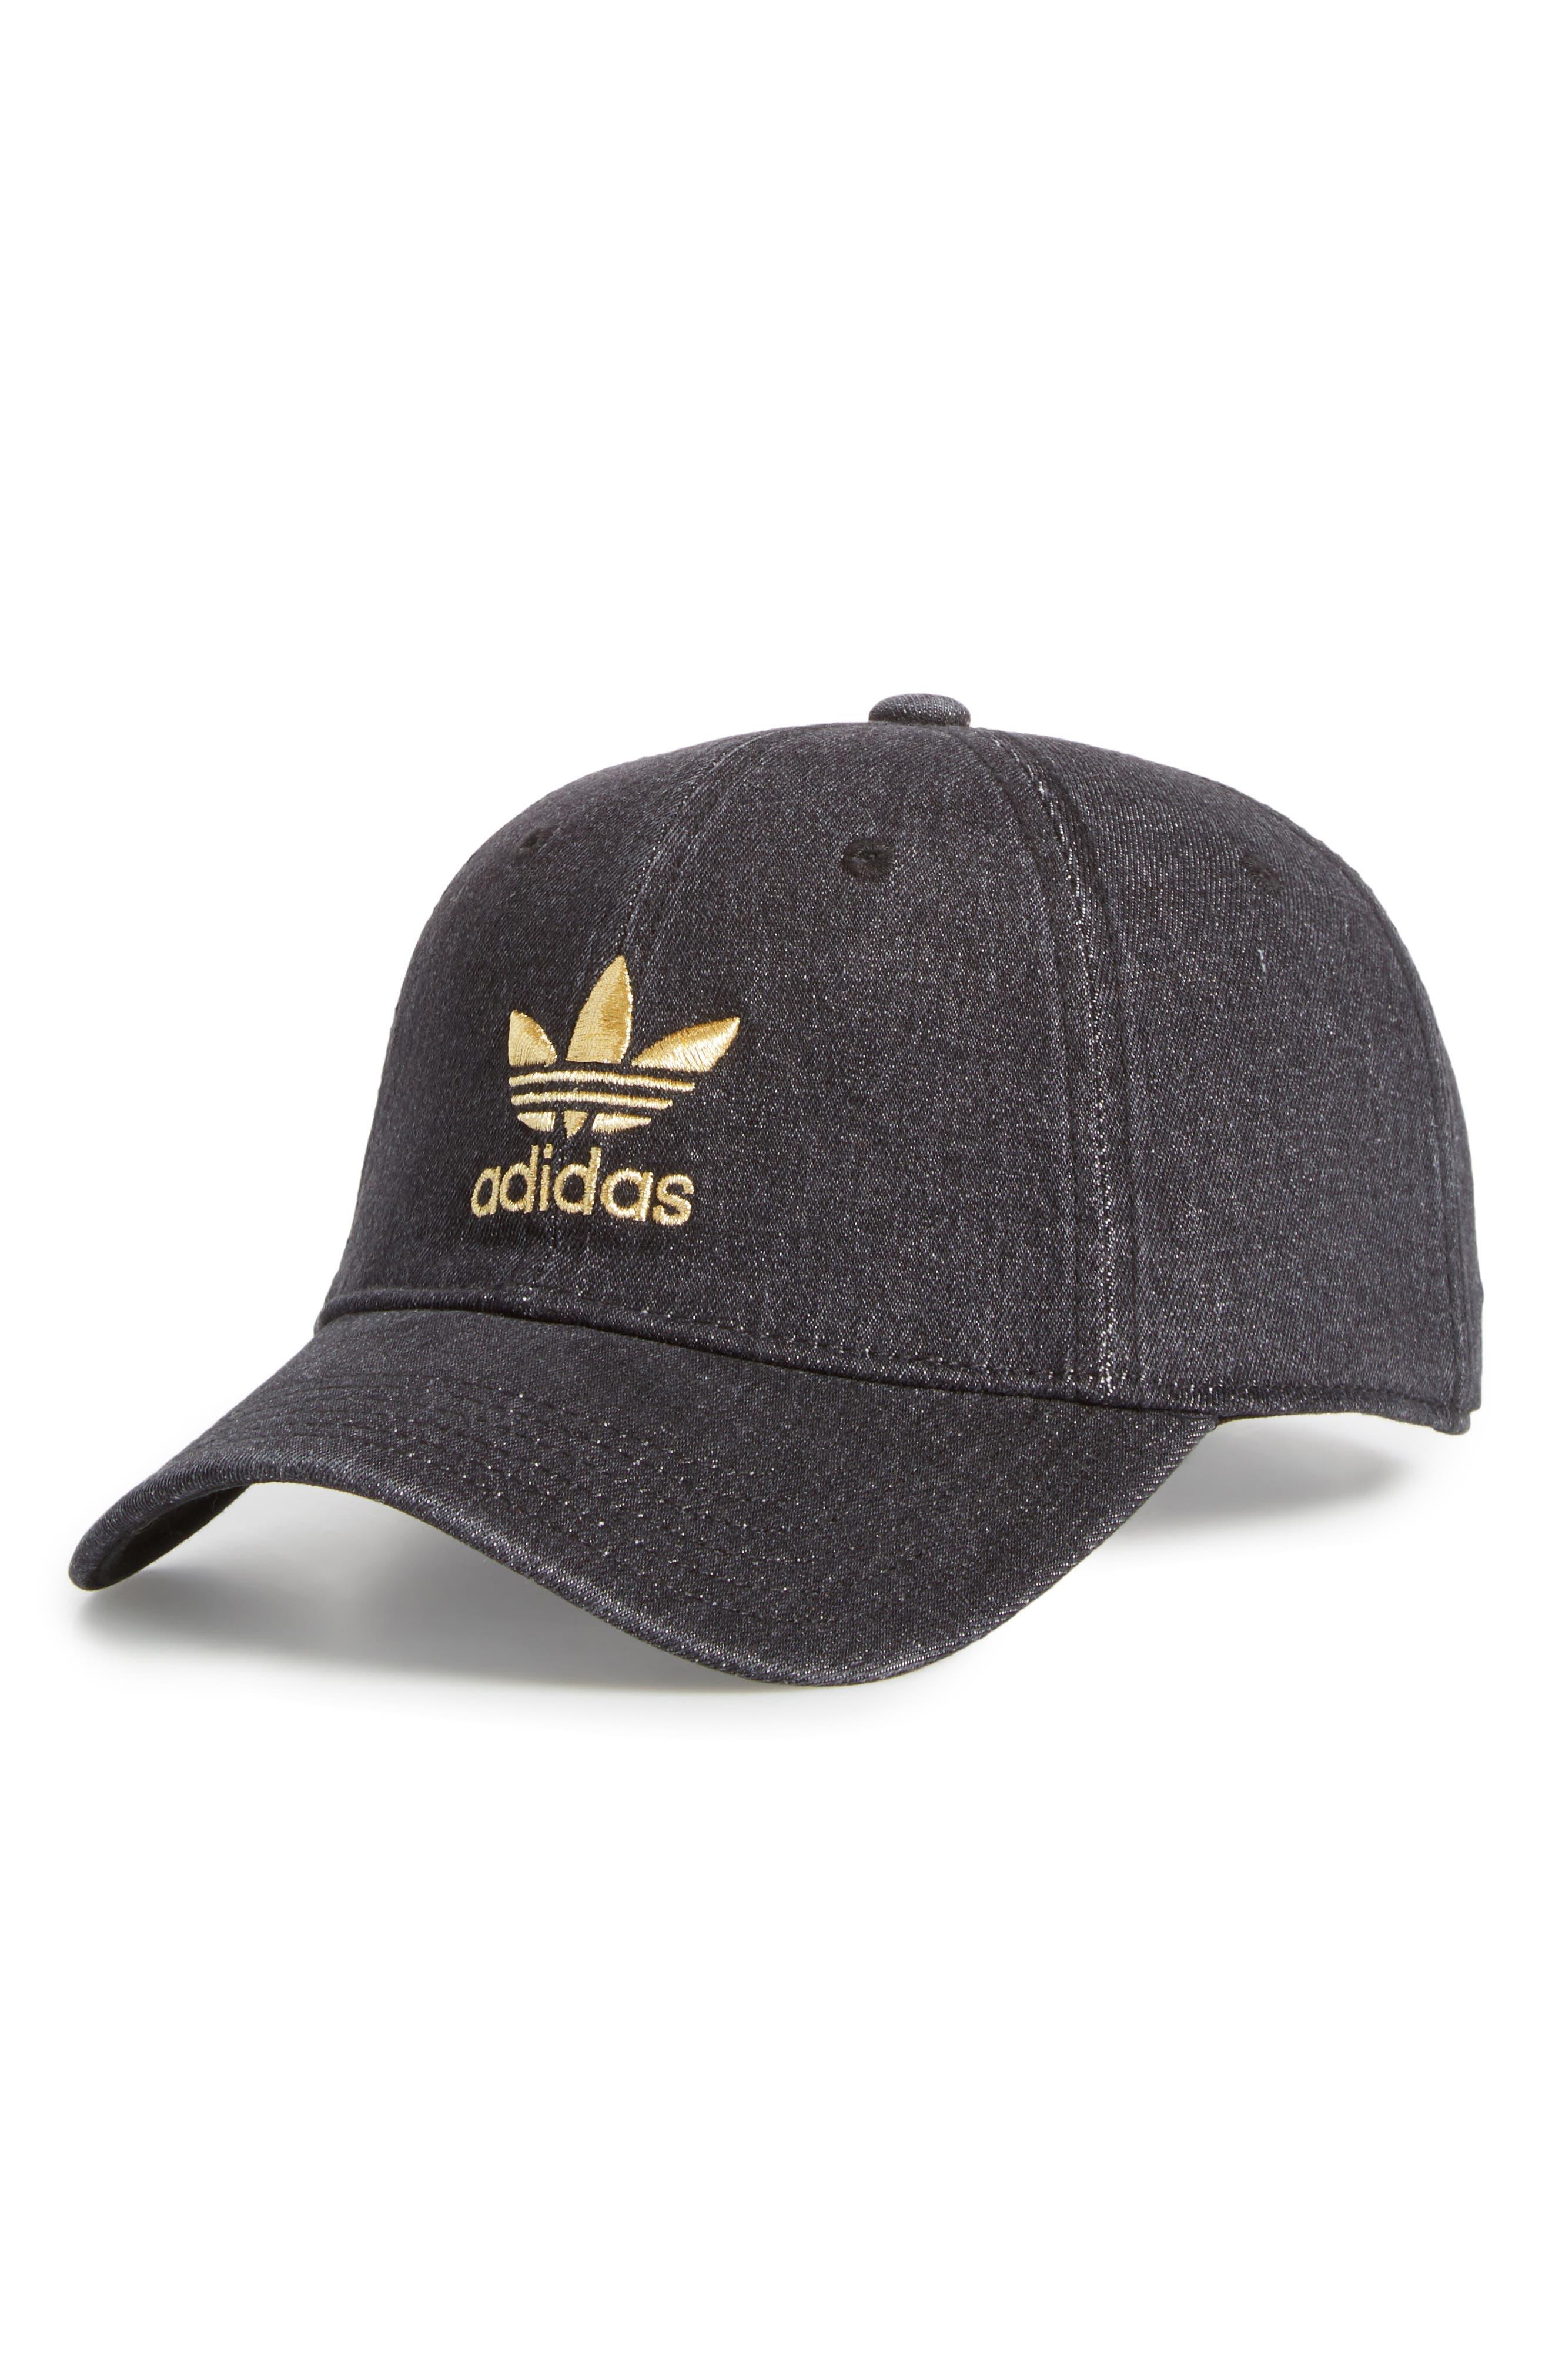 adidas Washed Denim Ball Cap